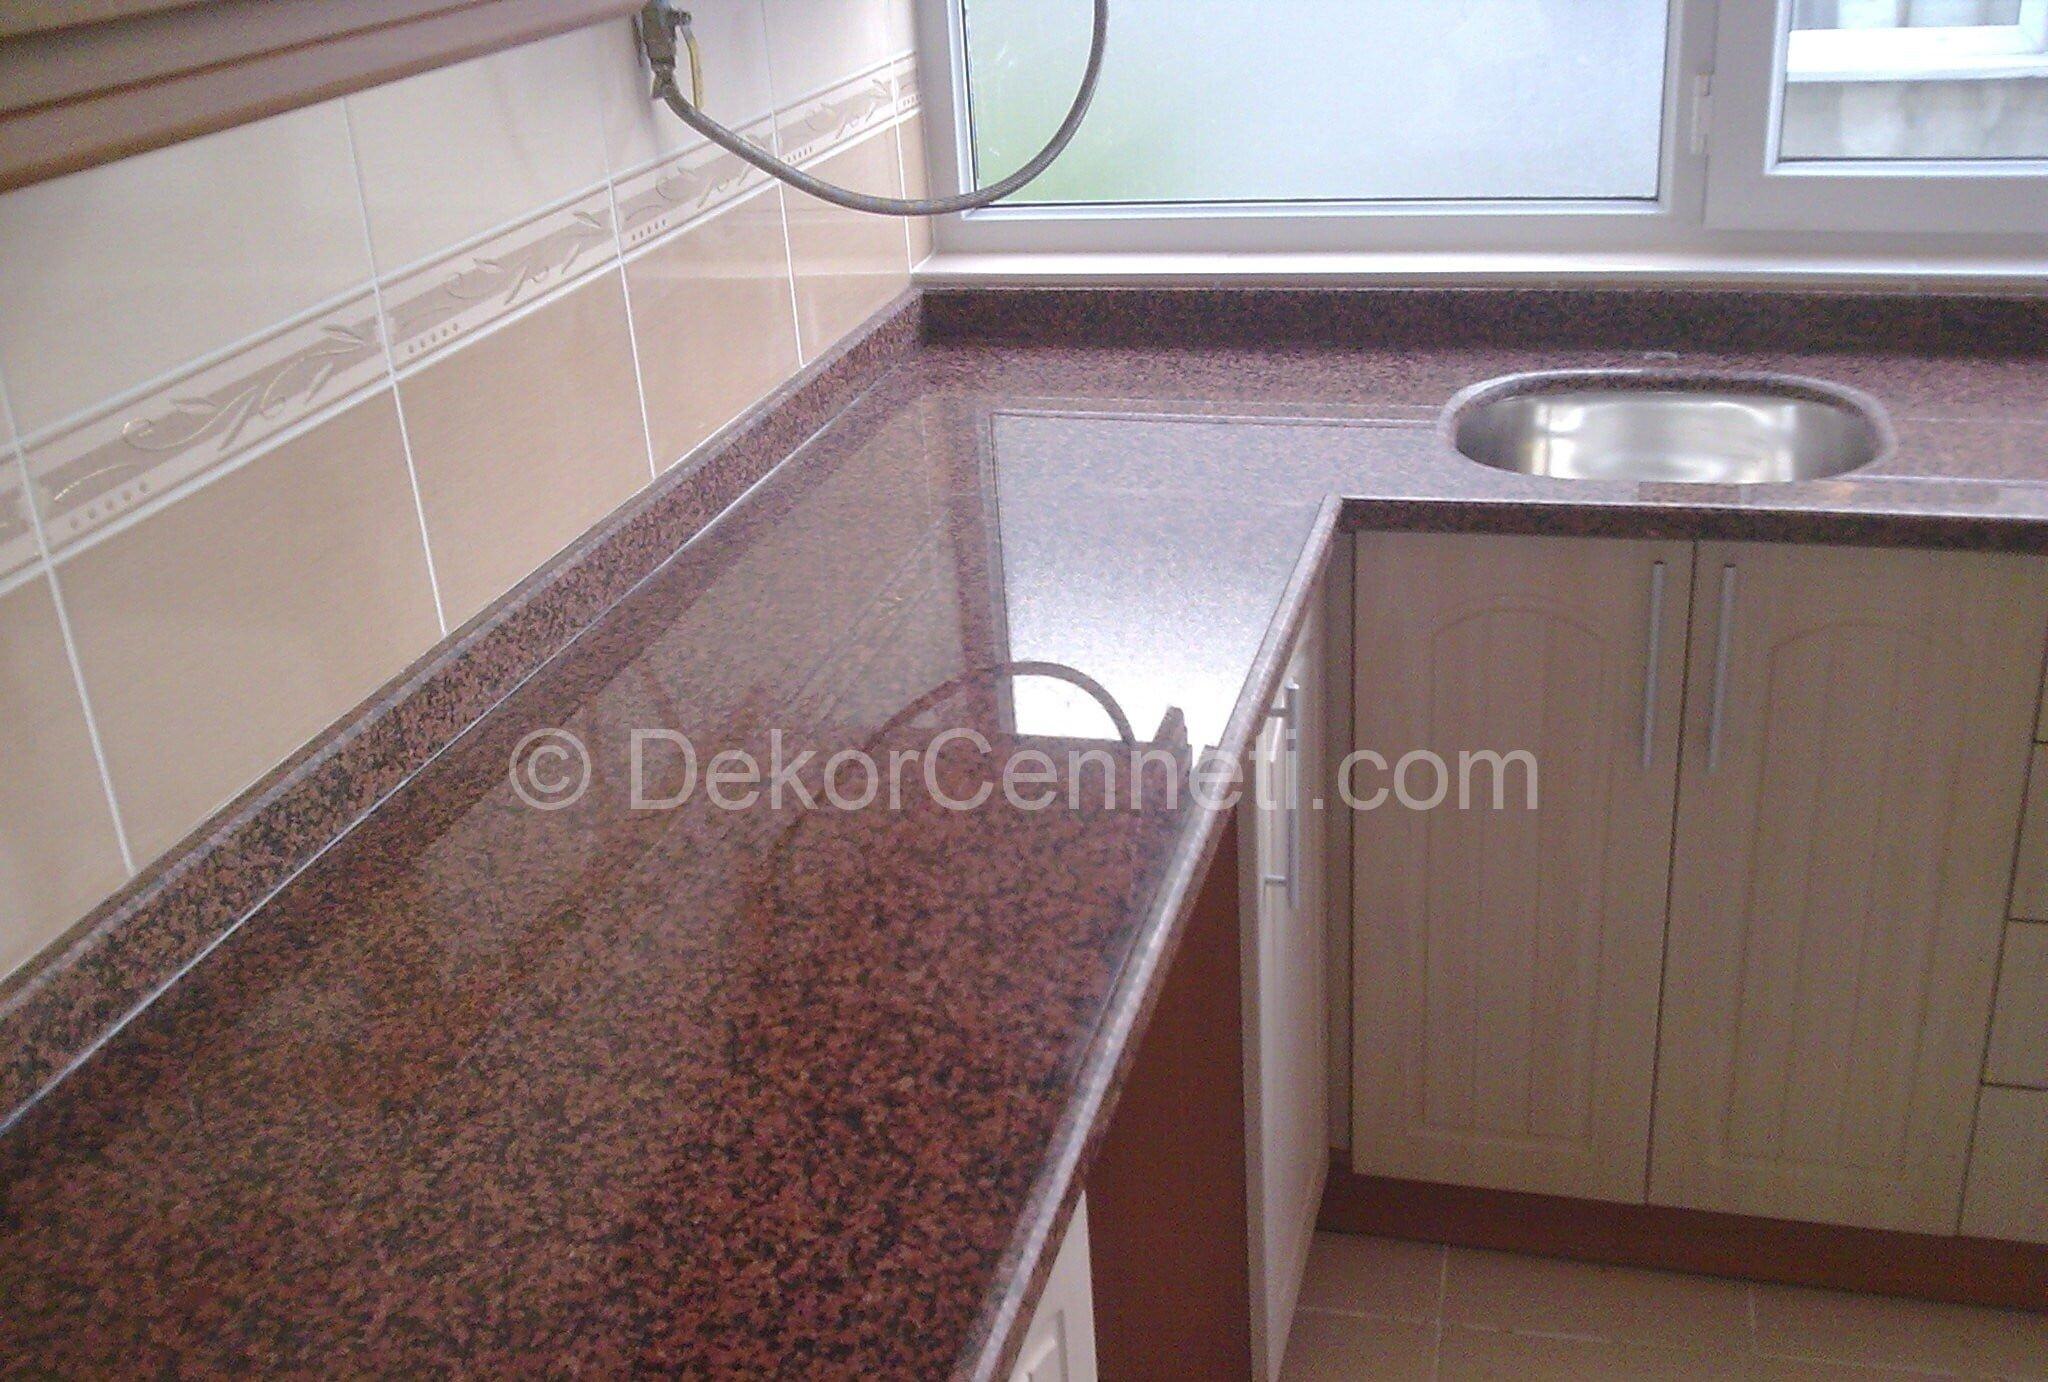 En Son granit mutfak tezgahı siyah Resimleri